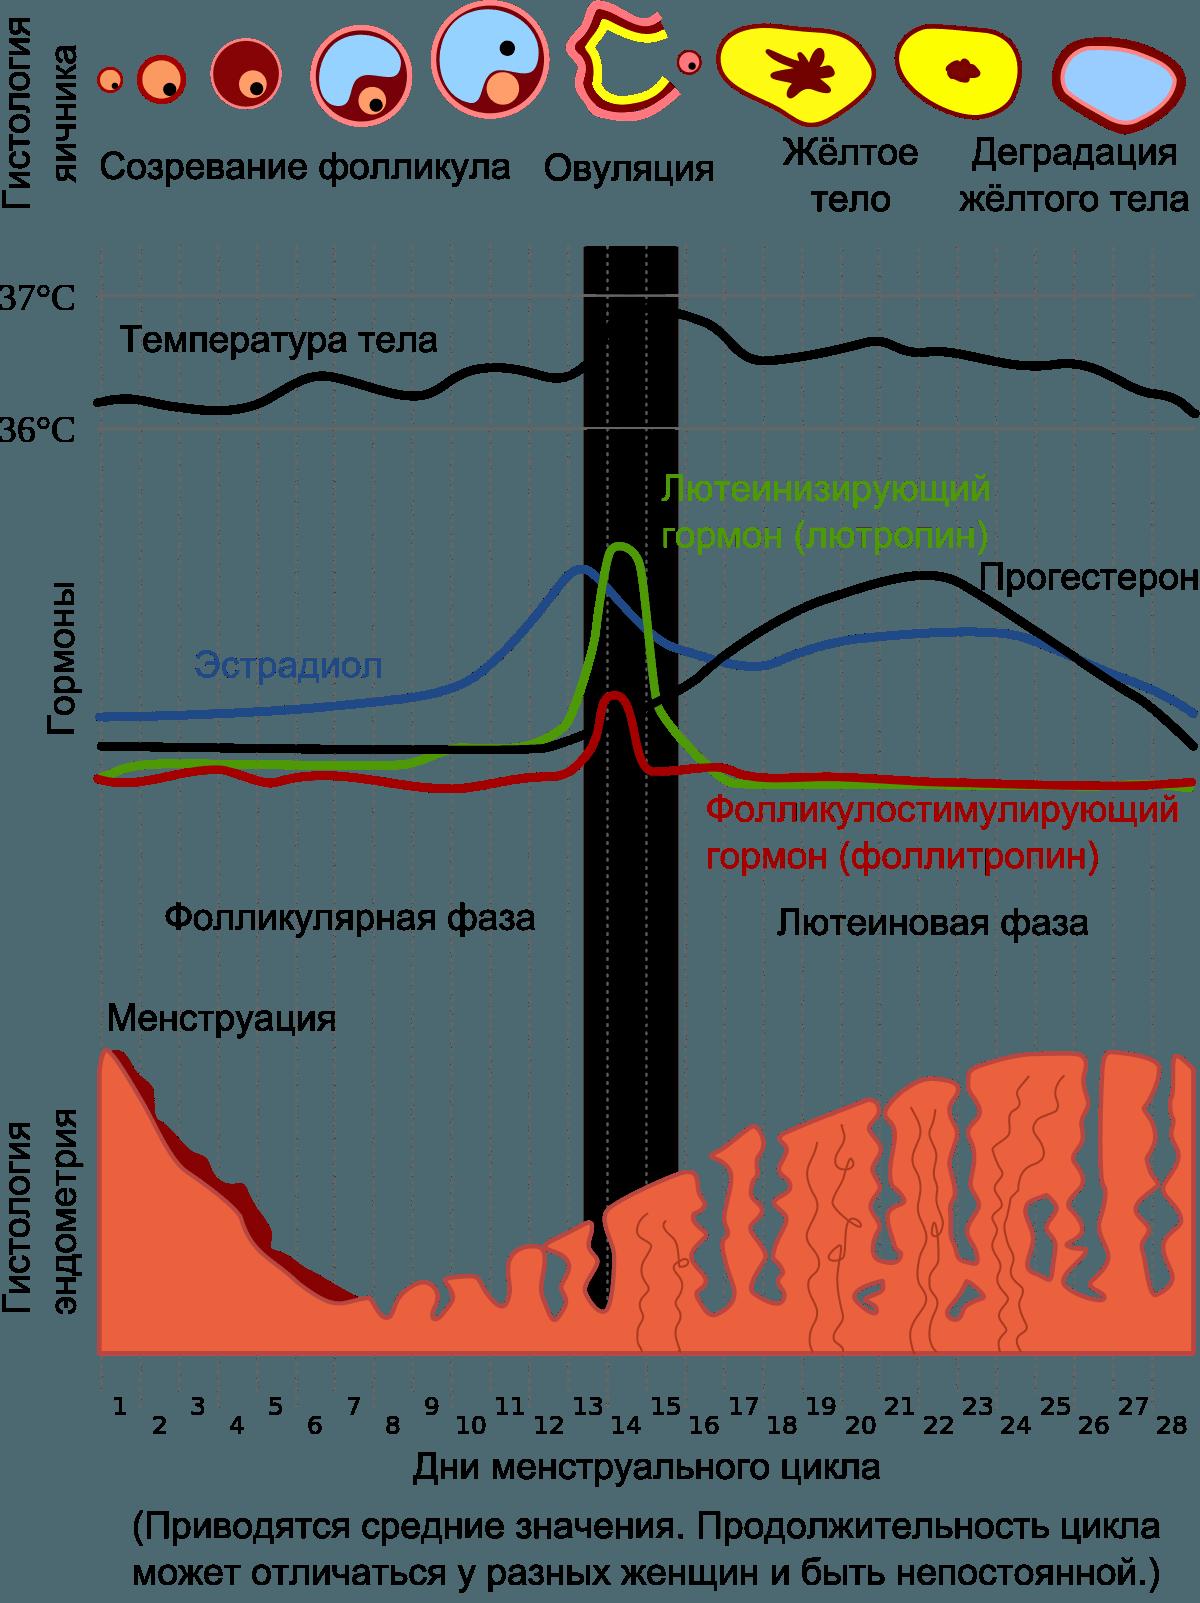 Орган-на-чипе воспроизвел менструальный цикл